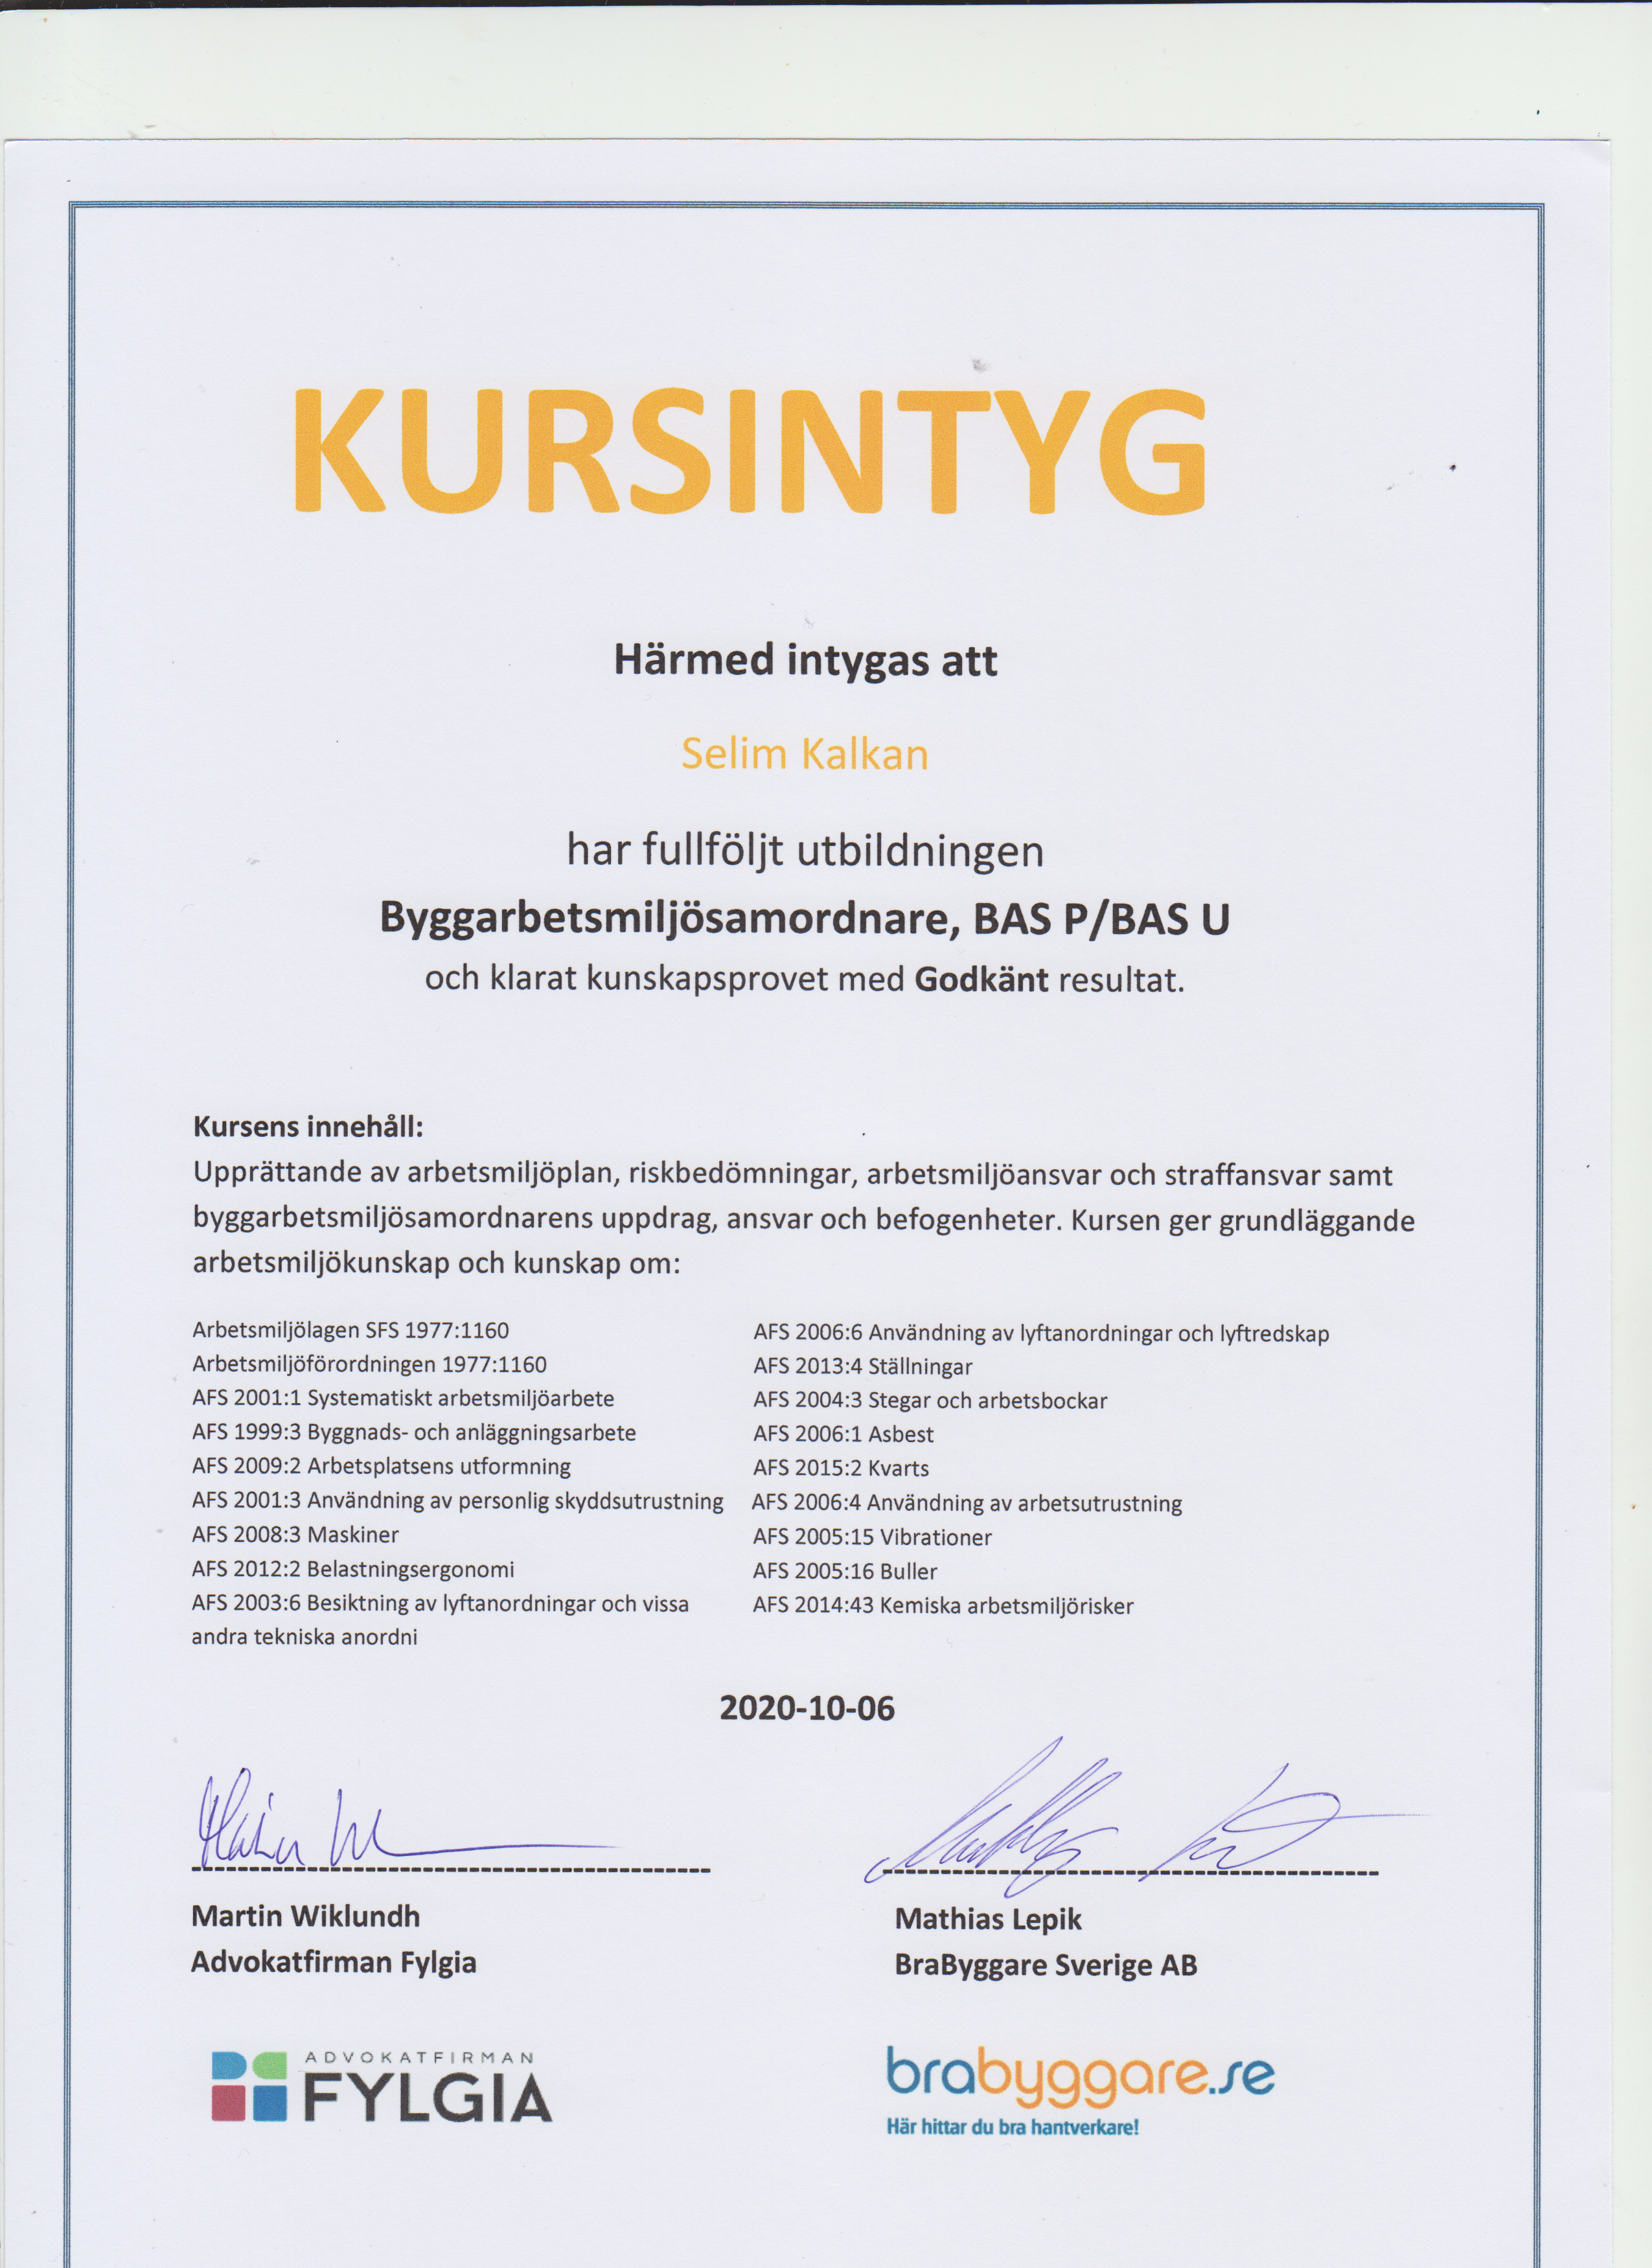 """Referensjobb """"Byggarbetsmiljösamordnare - Intyg Bas P & U  """" utfört av SDS Bygg & Kakel AB"""